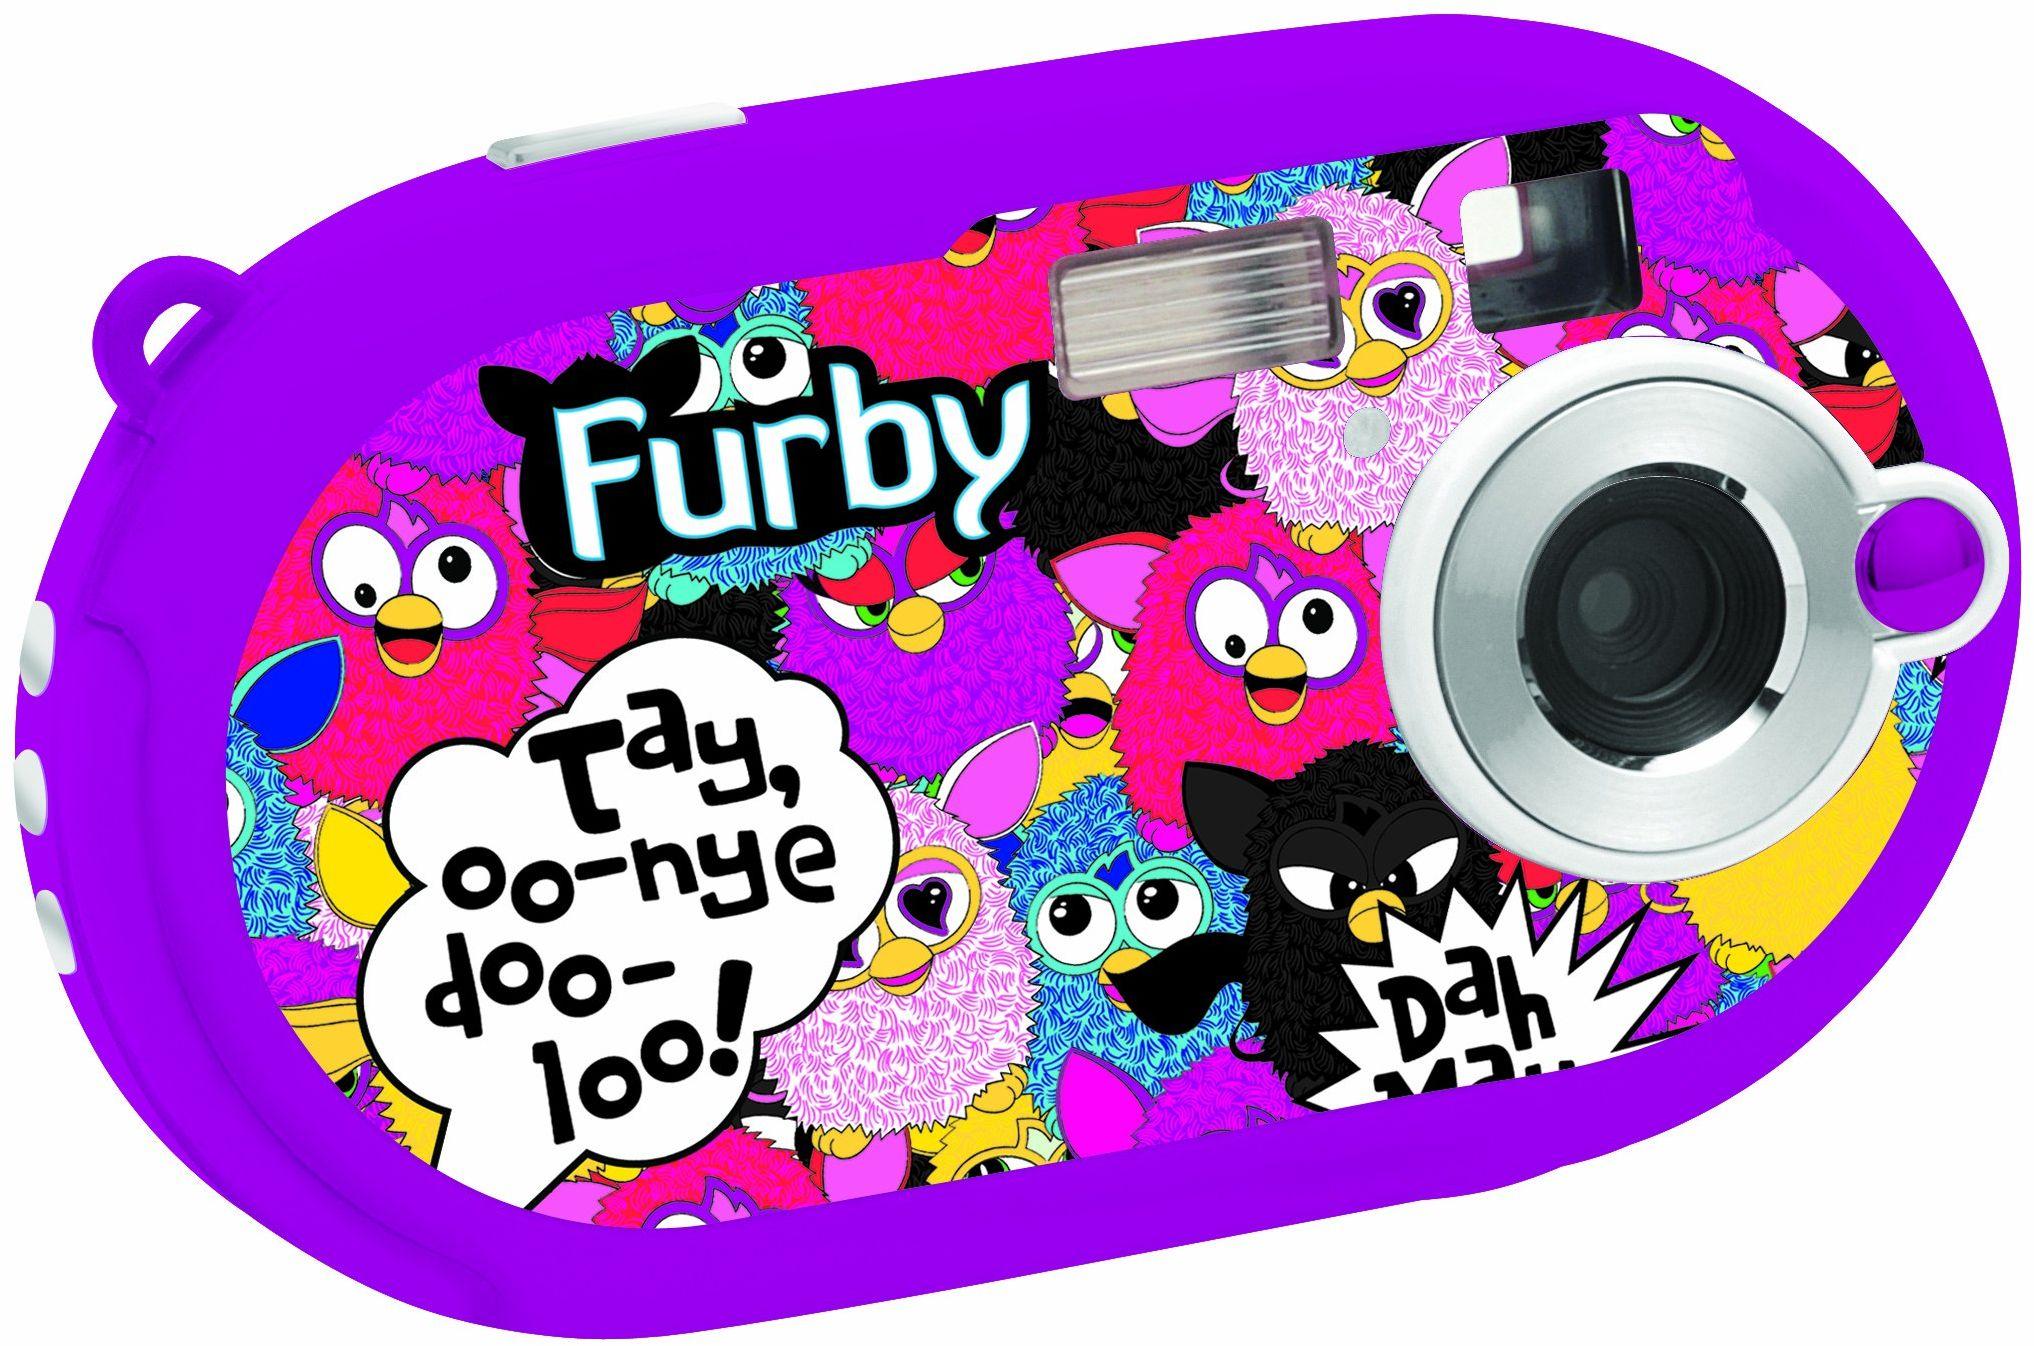 Lexibook DJ028FU - 5-megapikselowy aparat cyfrowy Furby